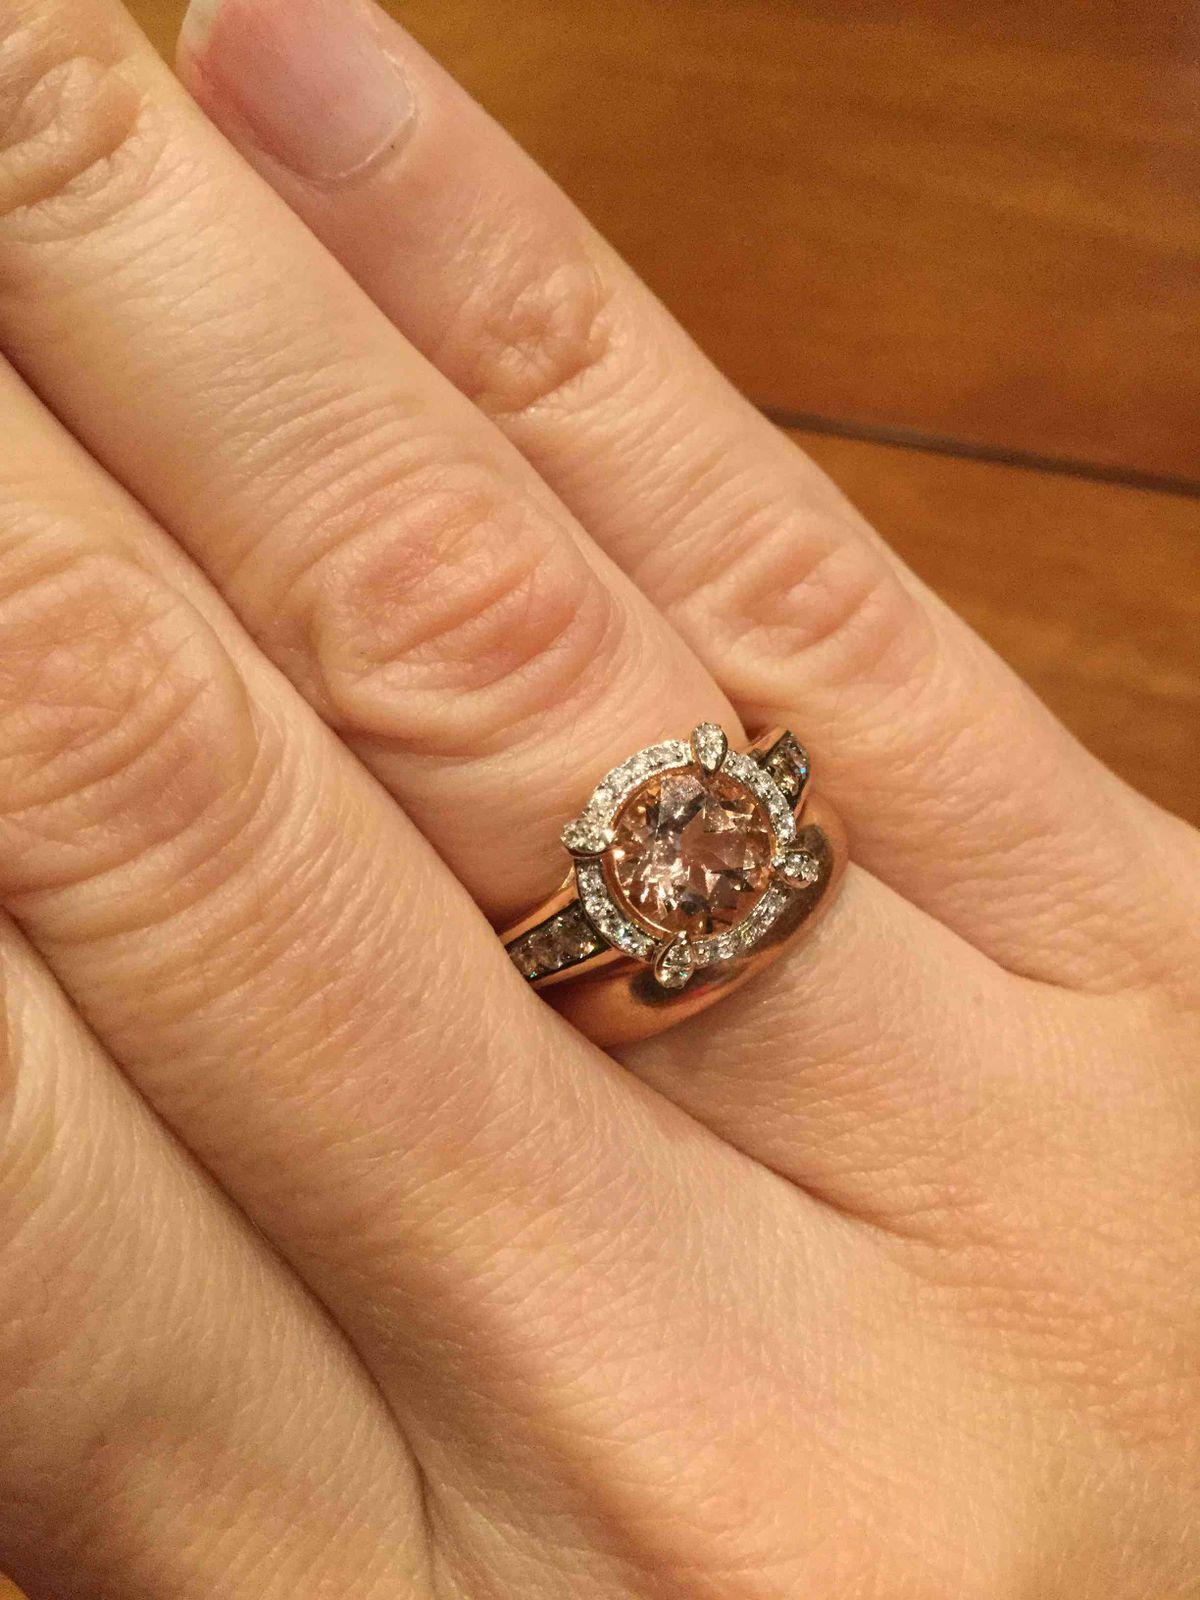 Великолепное кольцо получила на день рождения.